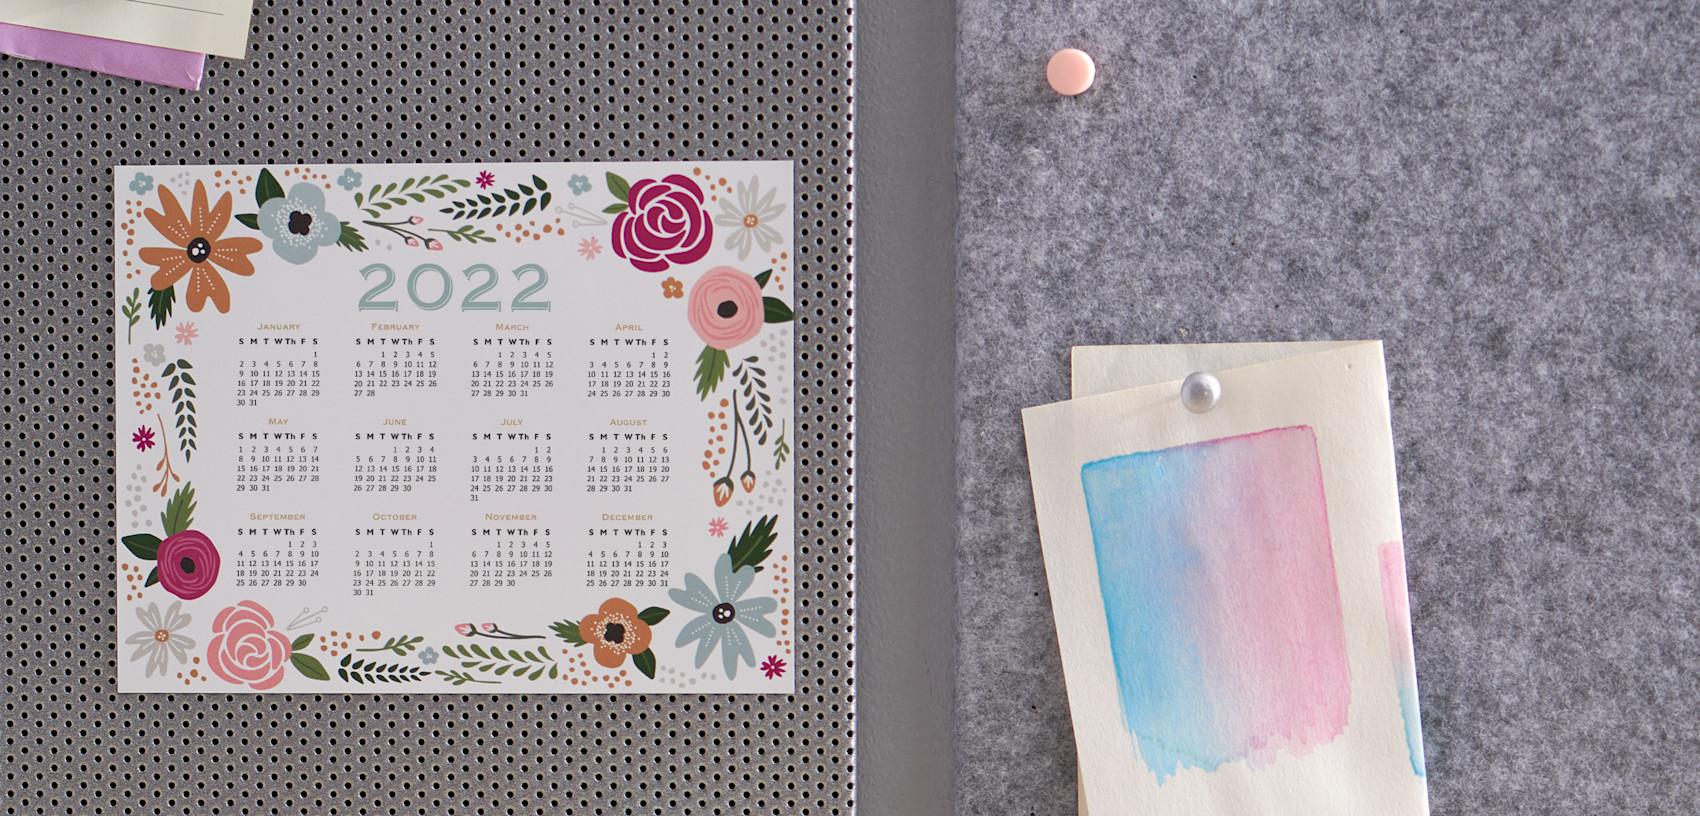 floral magnetic calendar